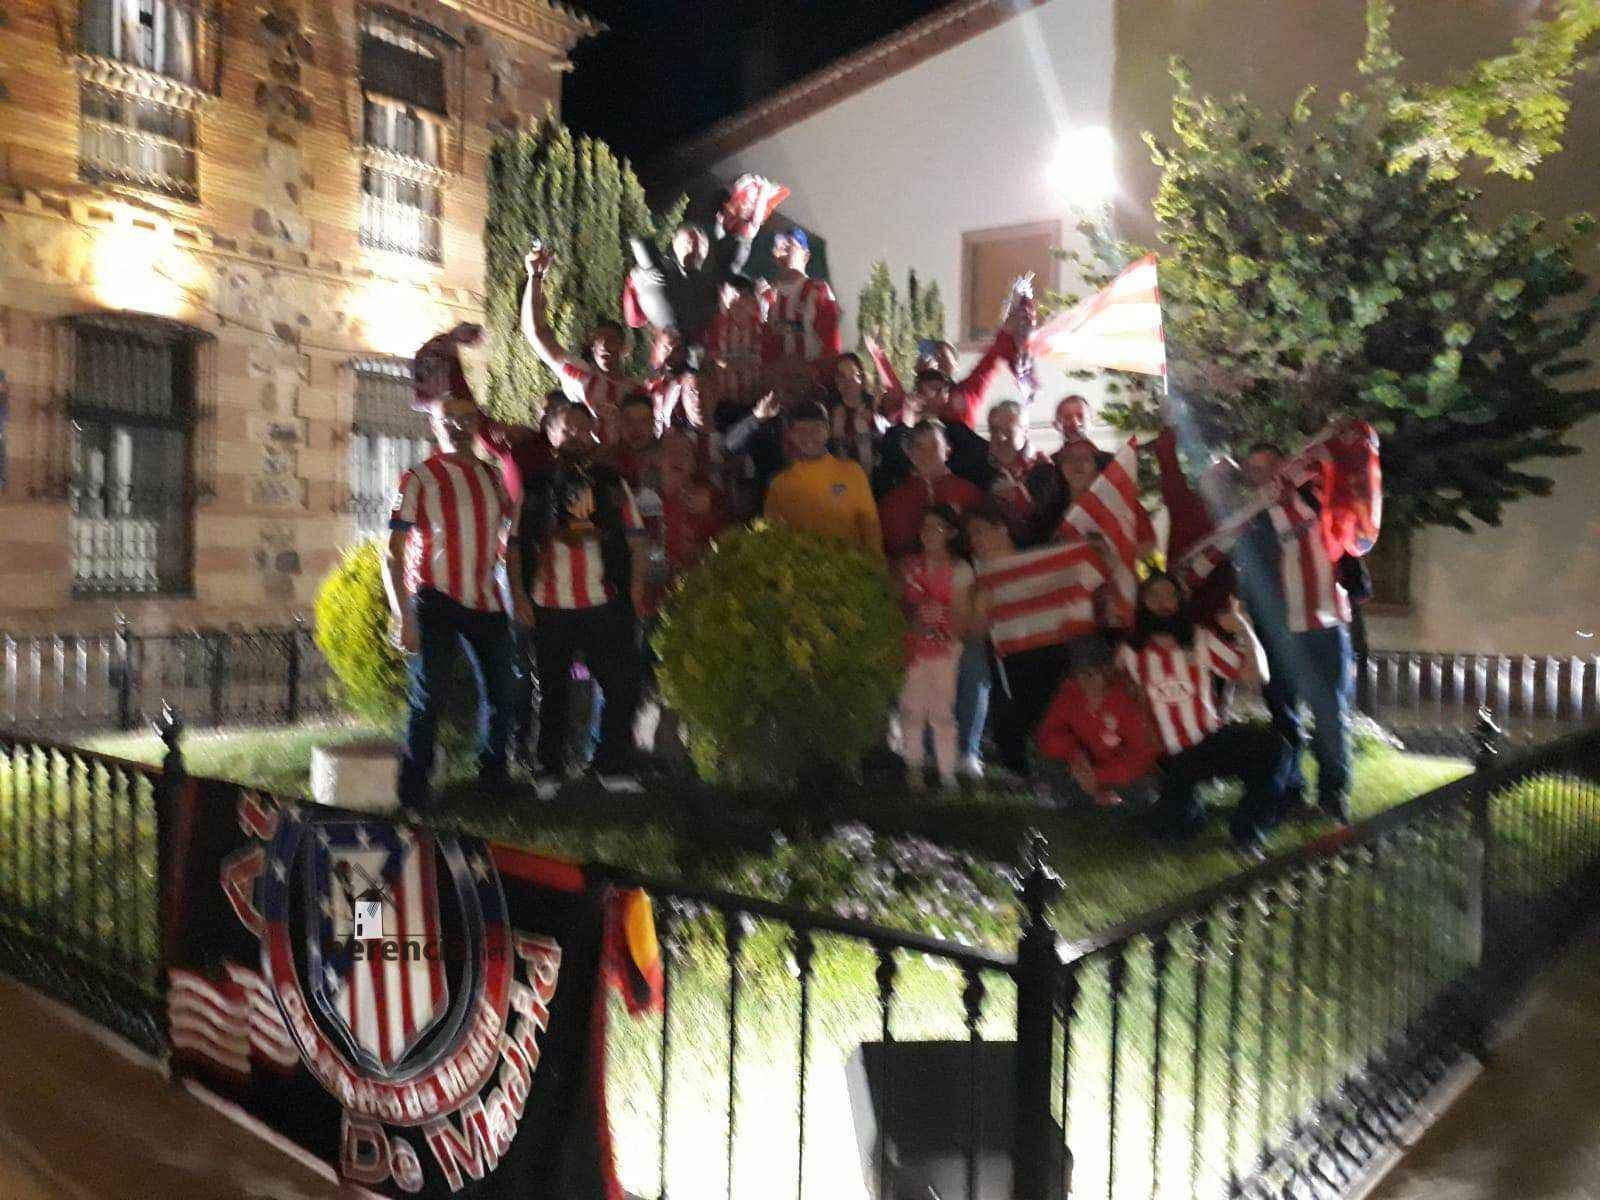 atletico madrid vencedor europa league herencia 1 - Los atléticos de Herencia celebran ser campeones de la Europa League